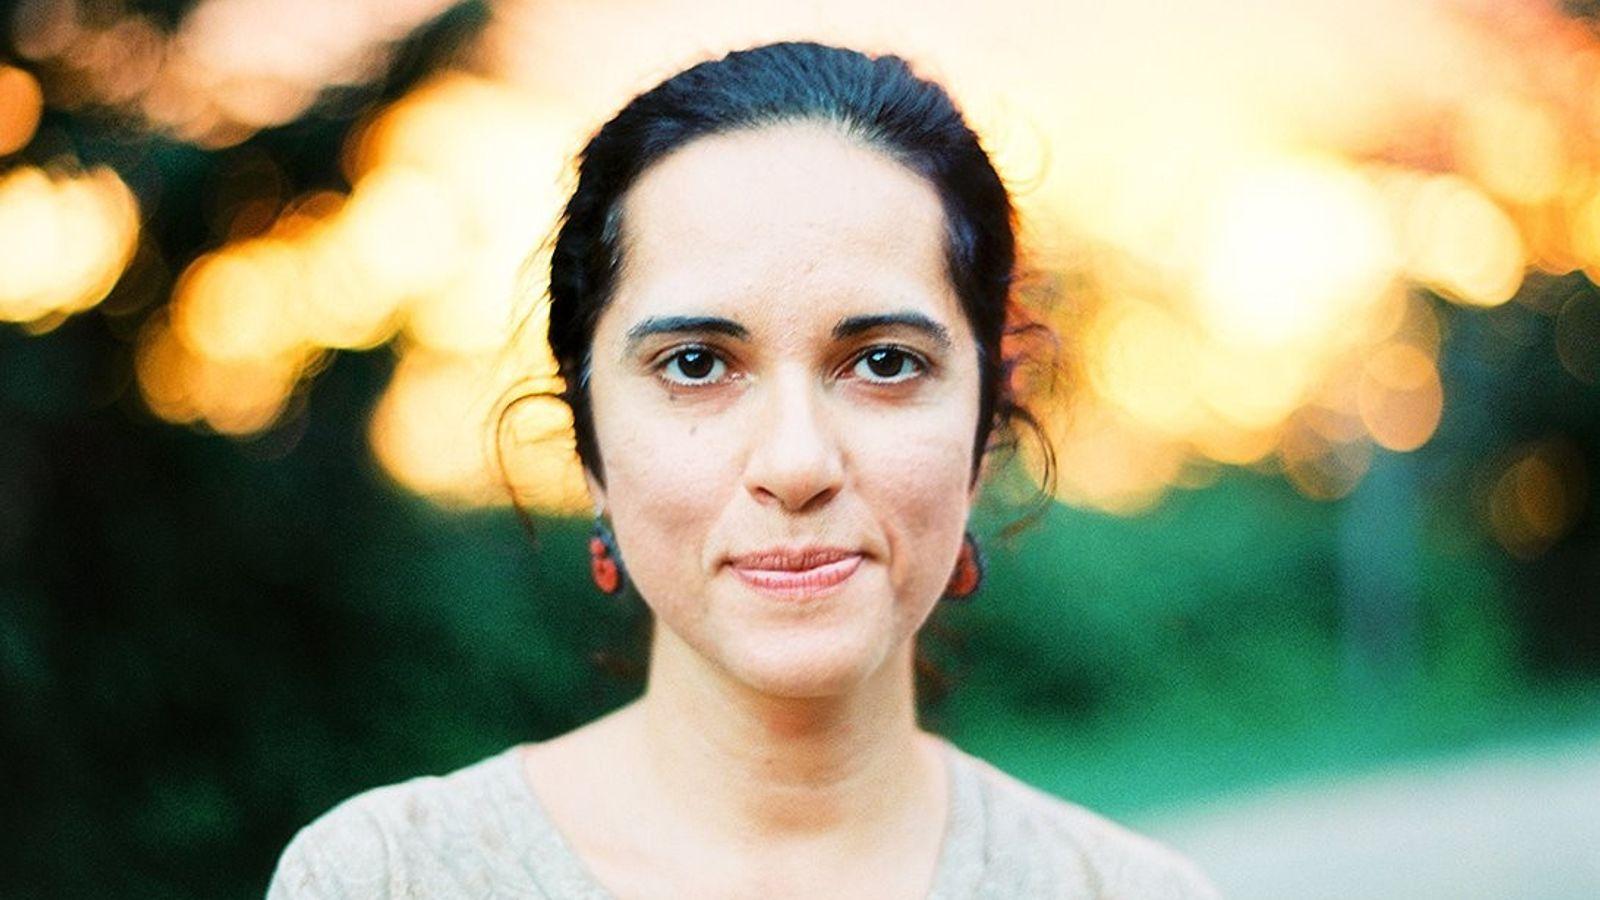 Nascida ecriada em Baku, no Azerbaijão, Rena Effendi é uma fotógrafa premiada da National Geographic.